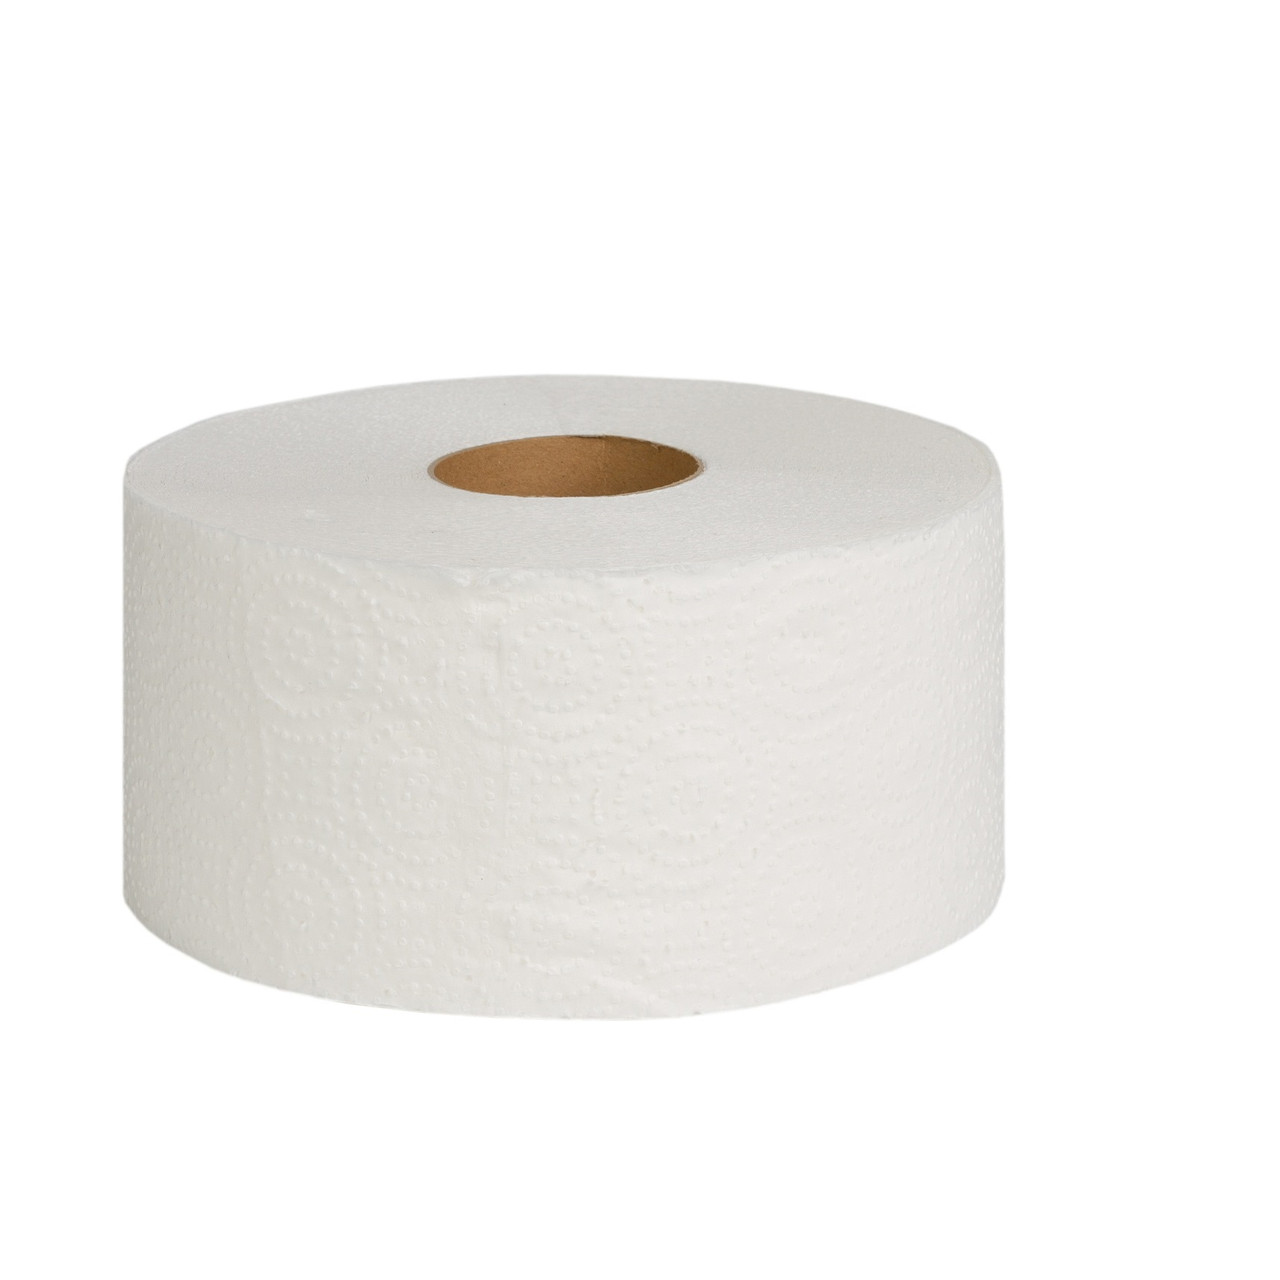 """Туалетная бумага """"Джамбо"""" двухслойная (белая) с перфорацией, 100 м в рулоне, высота рулона 9,0 см."""